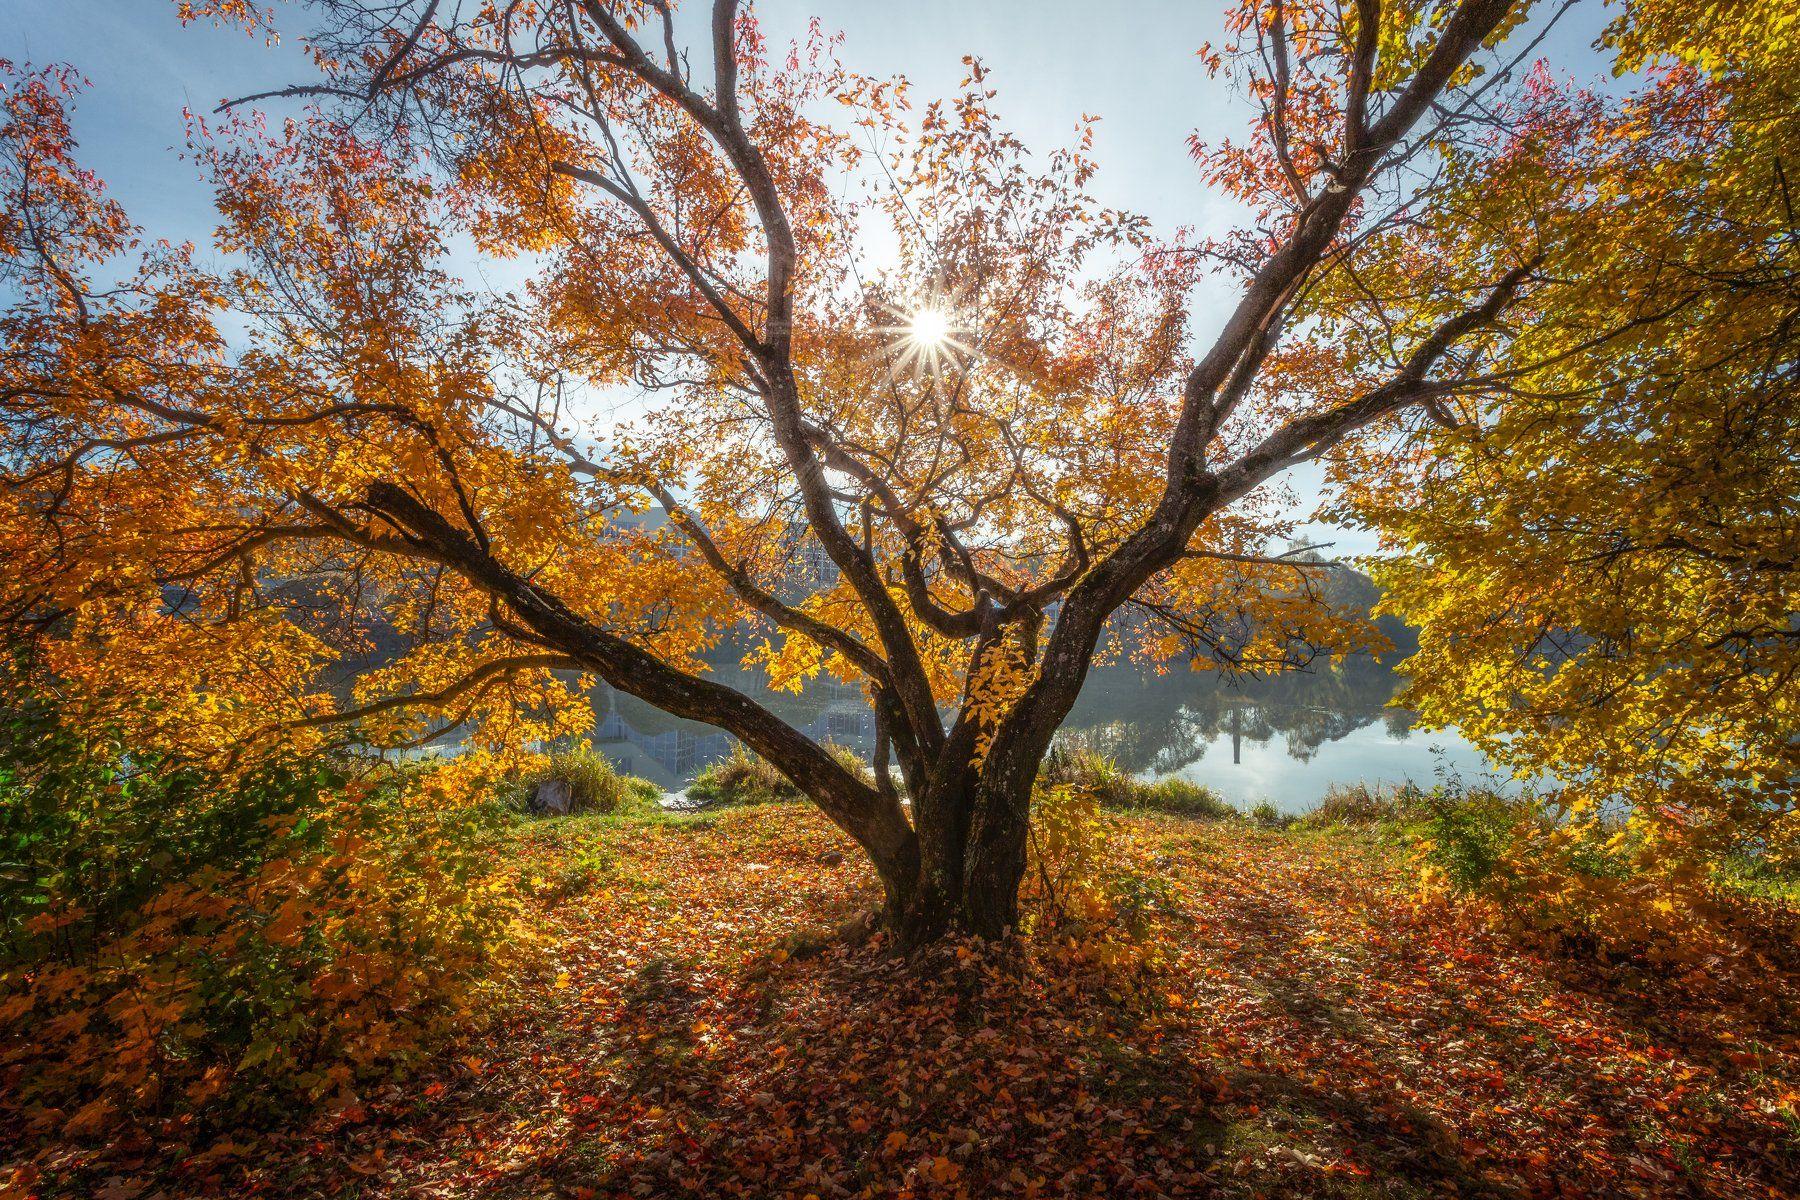 природа, пейзаж, осень, подольск, Мартыненко Дмитрий